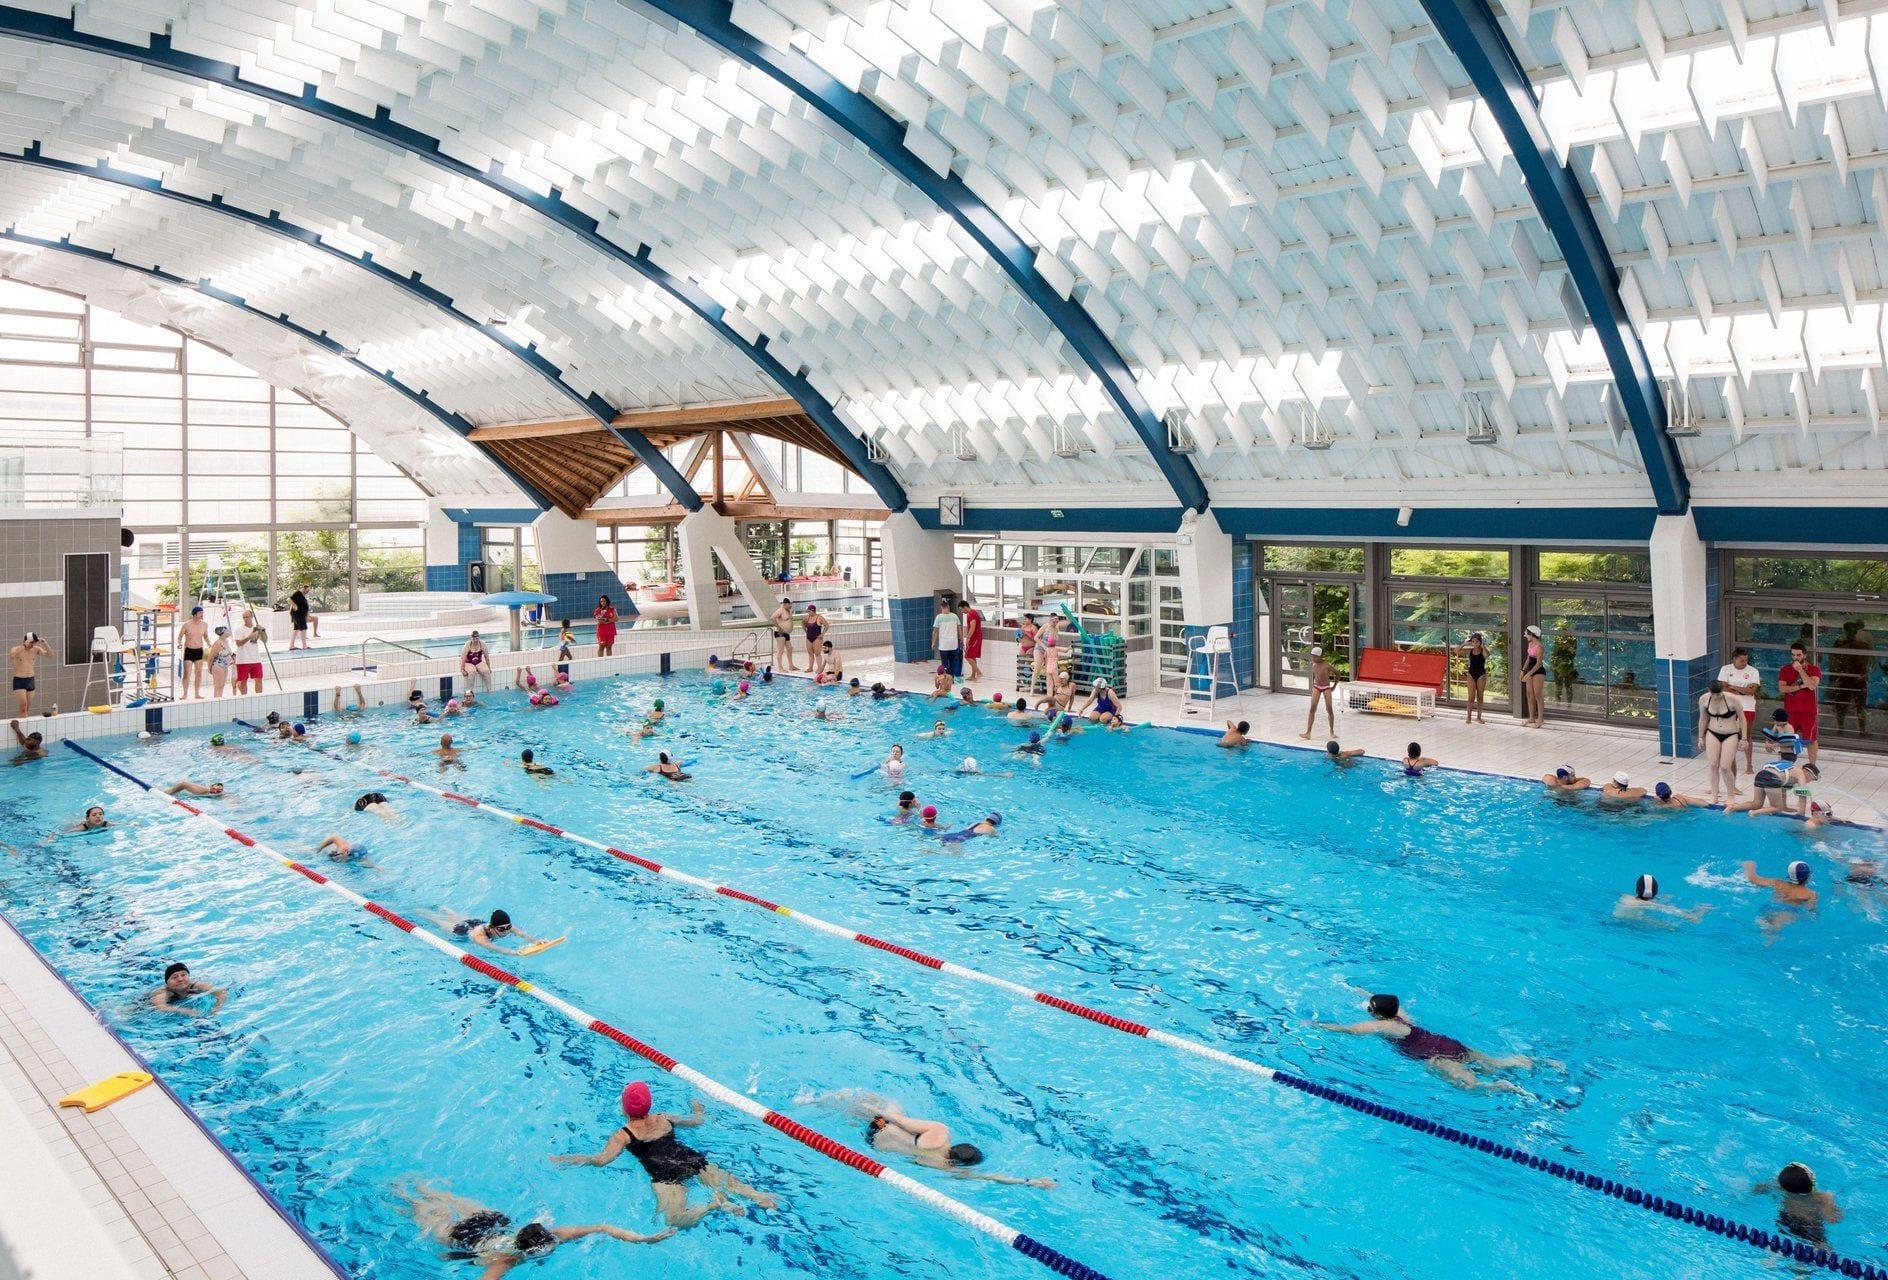 Le Centre Aquatique